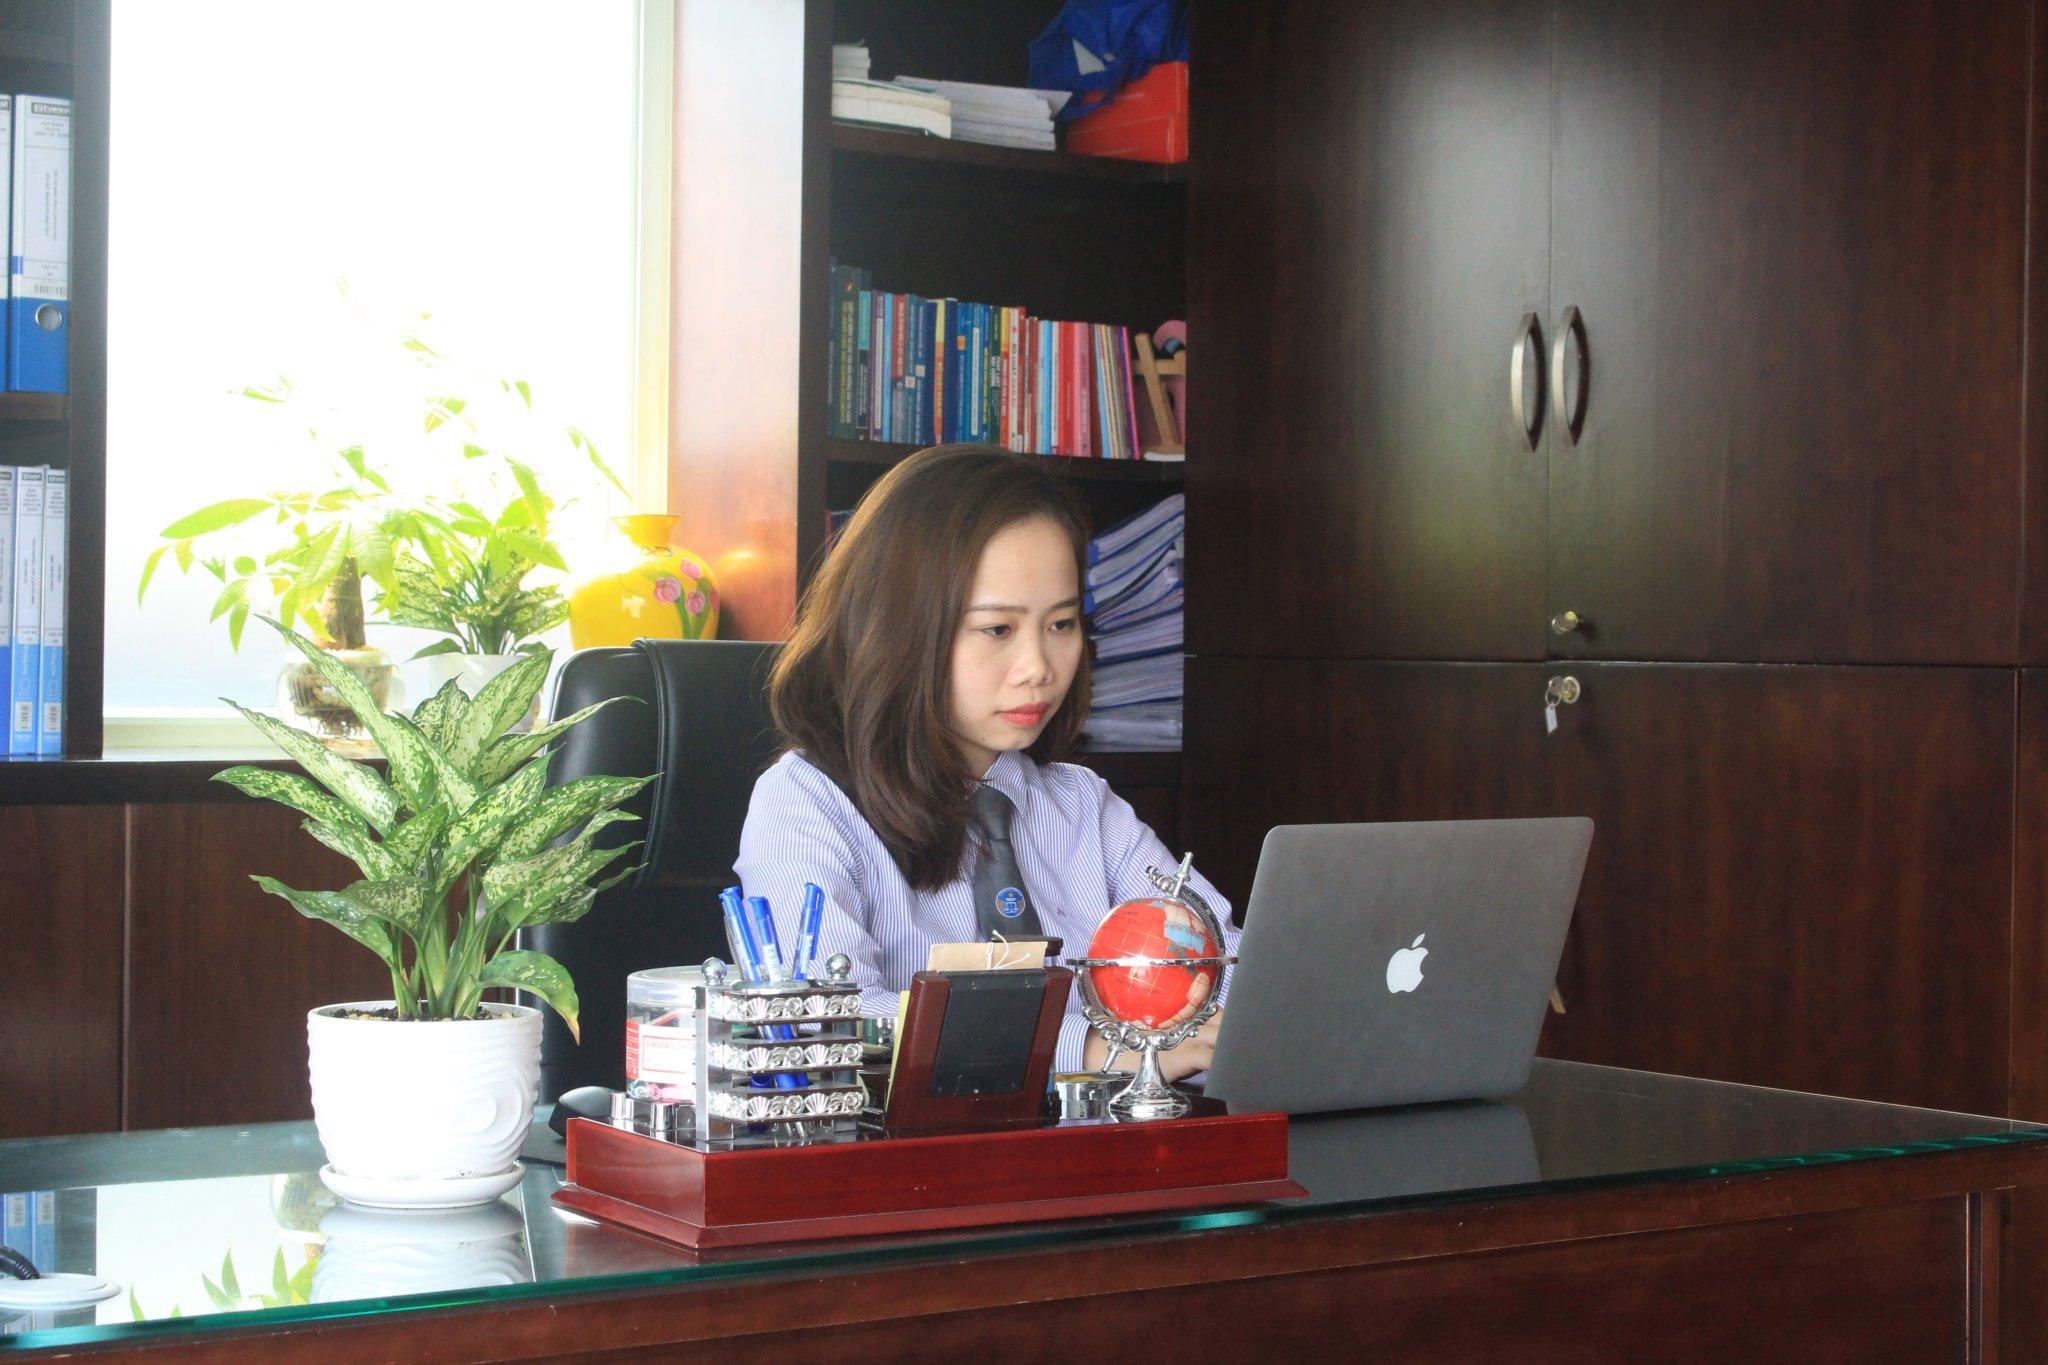 Mang thai hộ và những vấn đề pháp lý cần quan tâm tại Việt Nam - Luật sư Nguyễn Hoài Thương